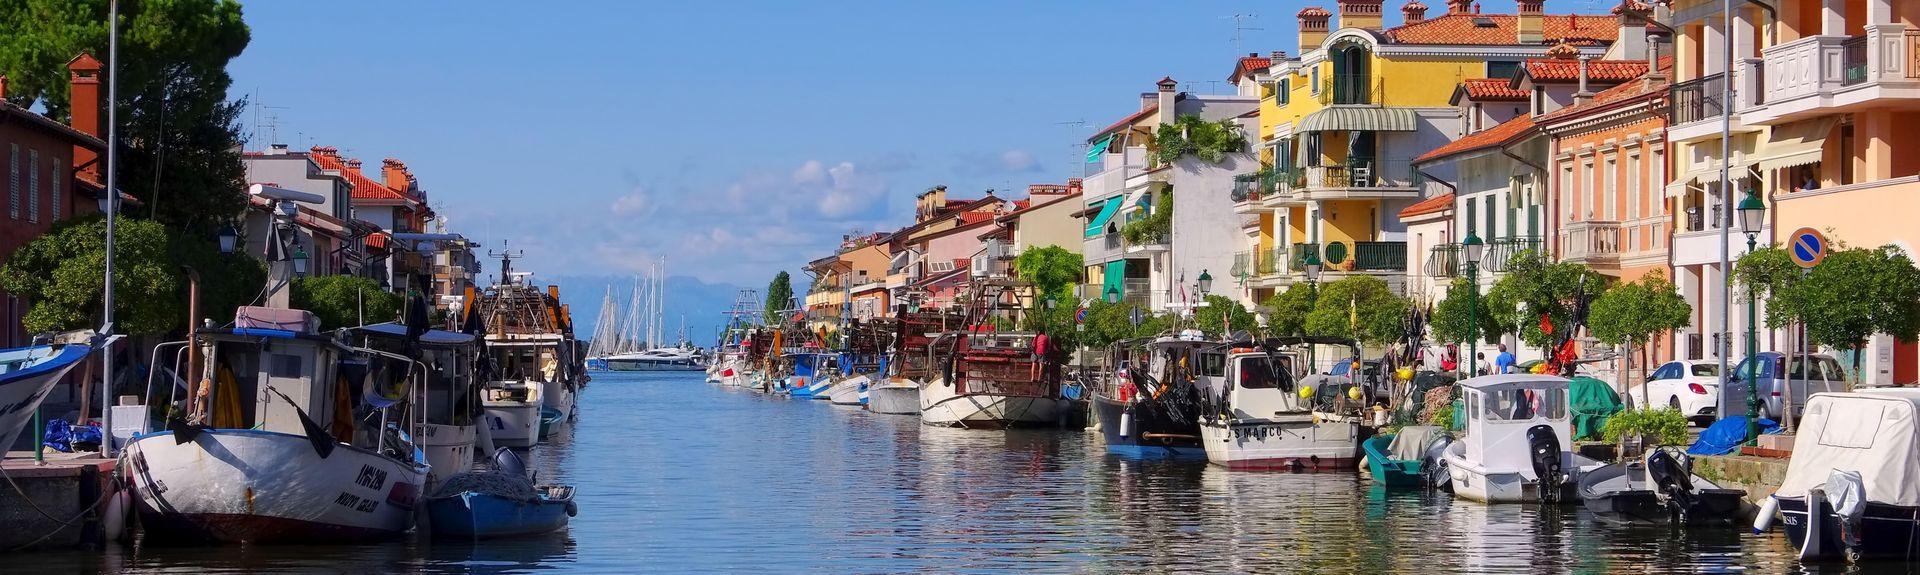 Grado GO, Italy